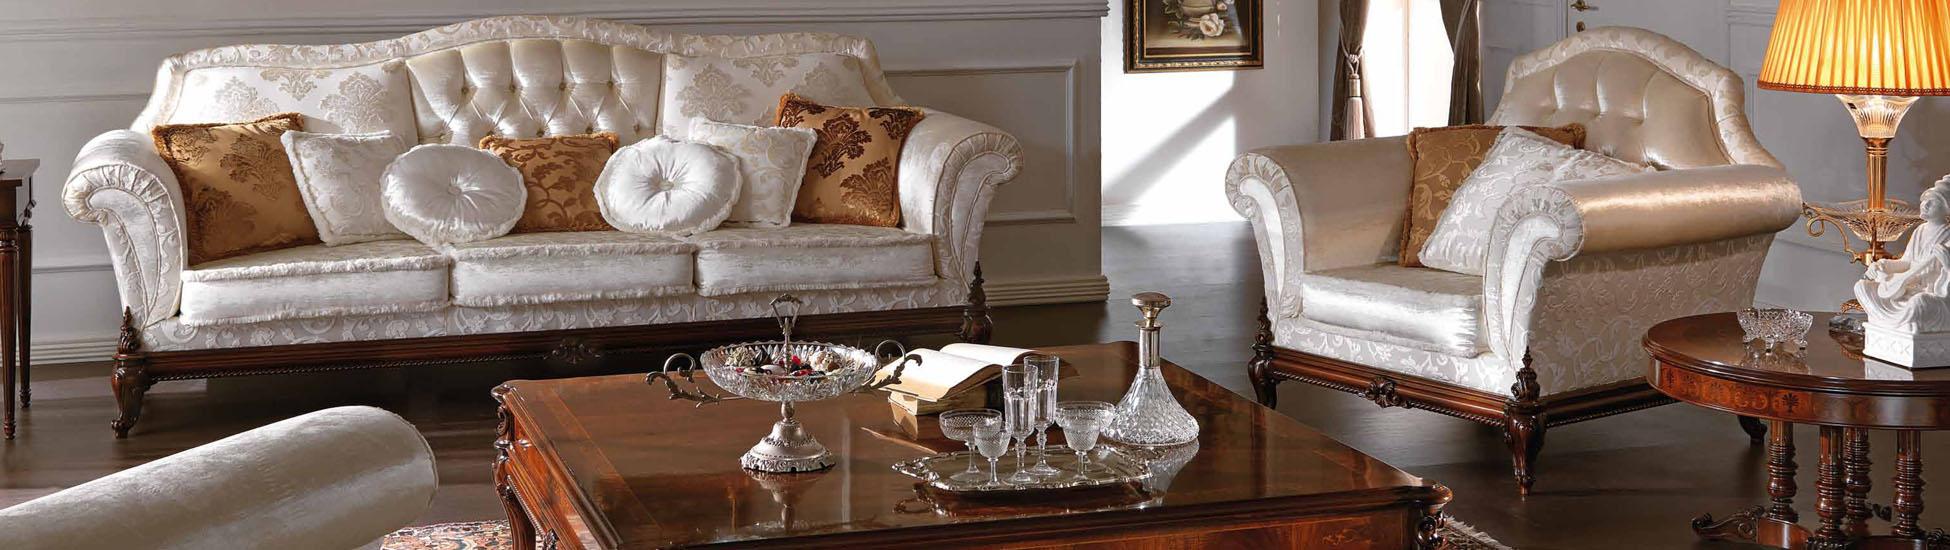 Mobili Classici  Classic Furniture  MAB CANT